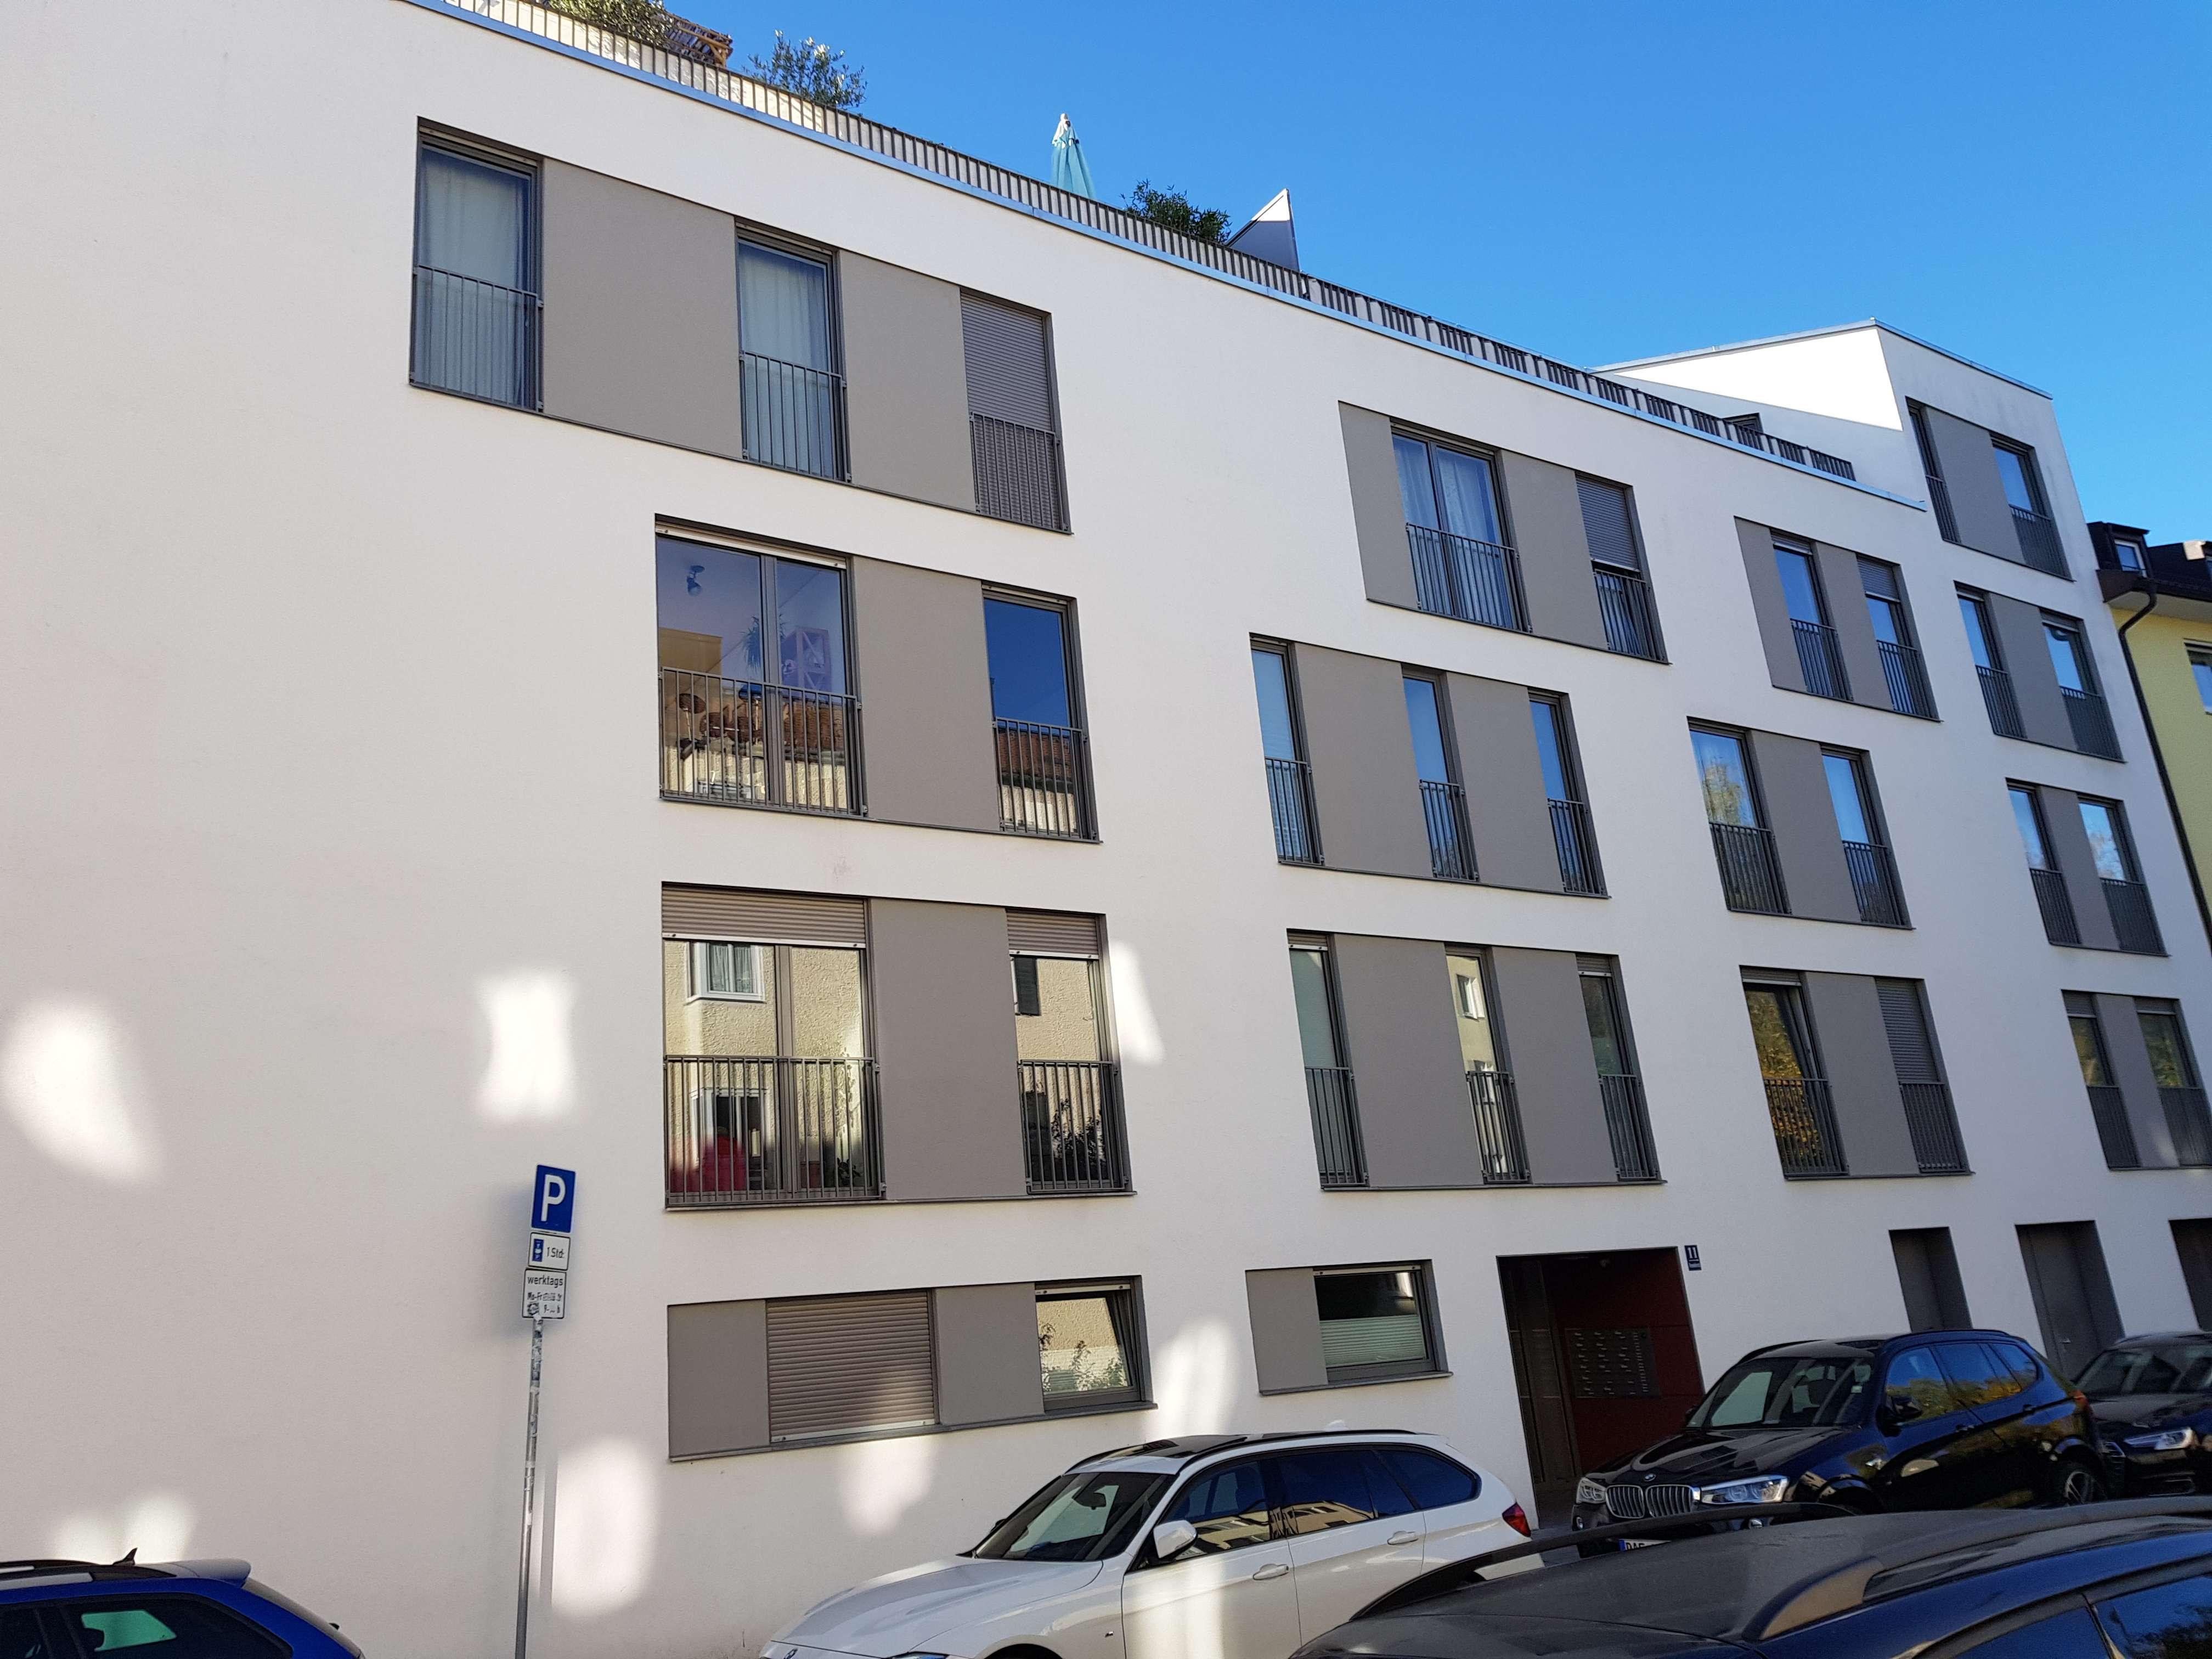 Sehr schöne 5-Zimmer-Wohnung in Pasing in Pasing (München)